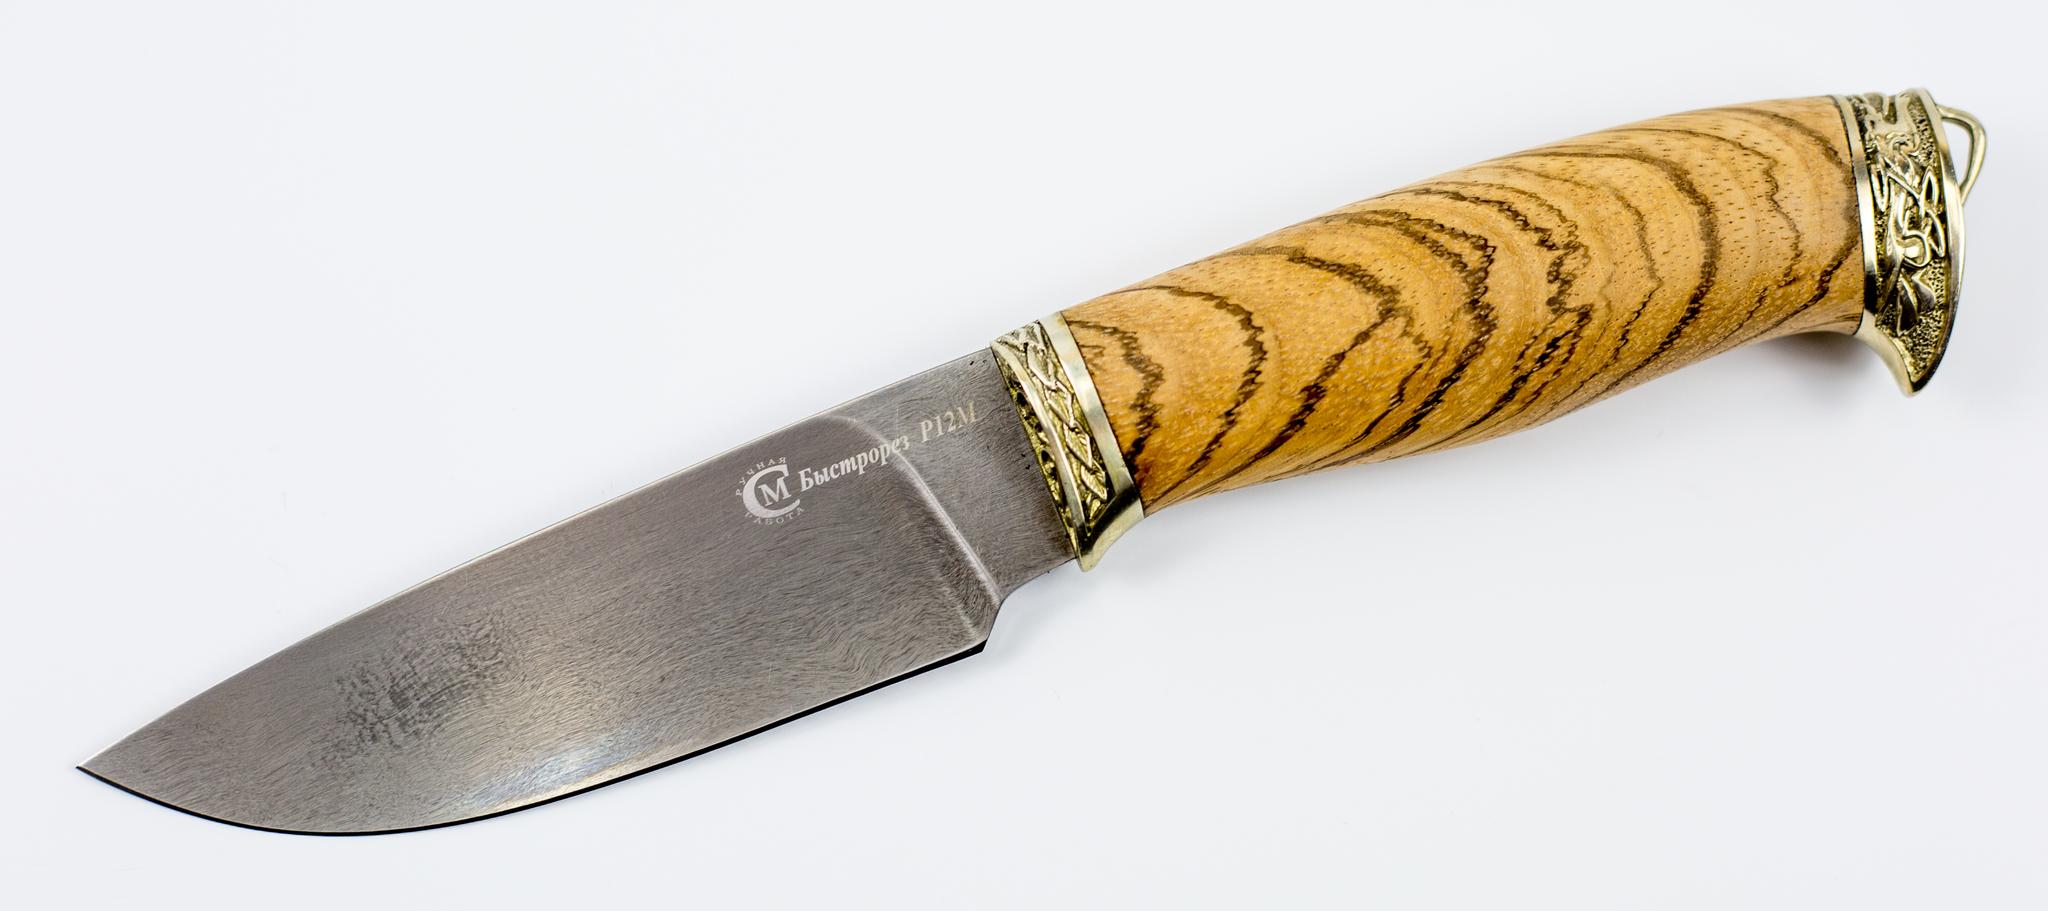 Нож Сокол, быстрорез Р12МНожи Ворсма<br>Сталь Р12М - быстрорезРукоять- ОрехОбщая длина, мм 240Длина клинка, мм 122Ширина клинка, мм 35,8Толщина клинка, мм 3,4Длина рукояти, мм 118Толщина рукояти, мм 23Твёрдость клинка, HRC 62<br>